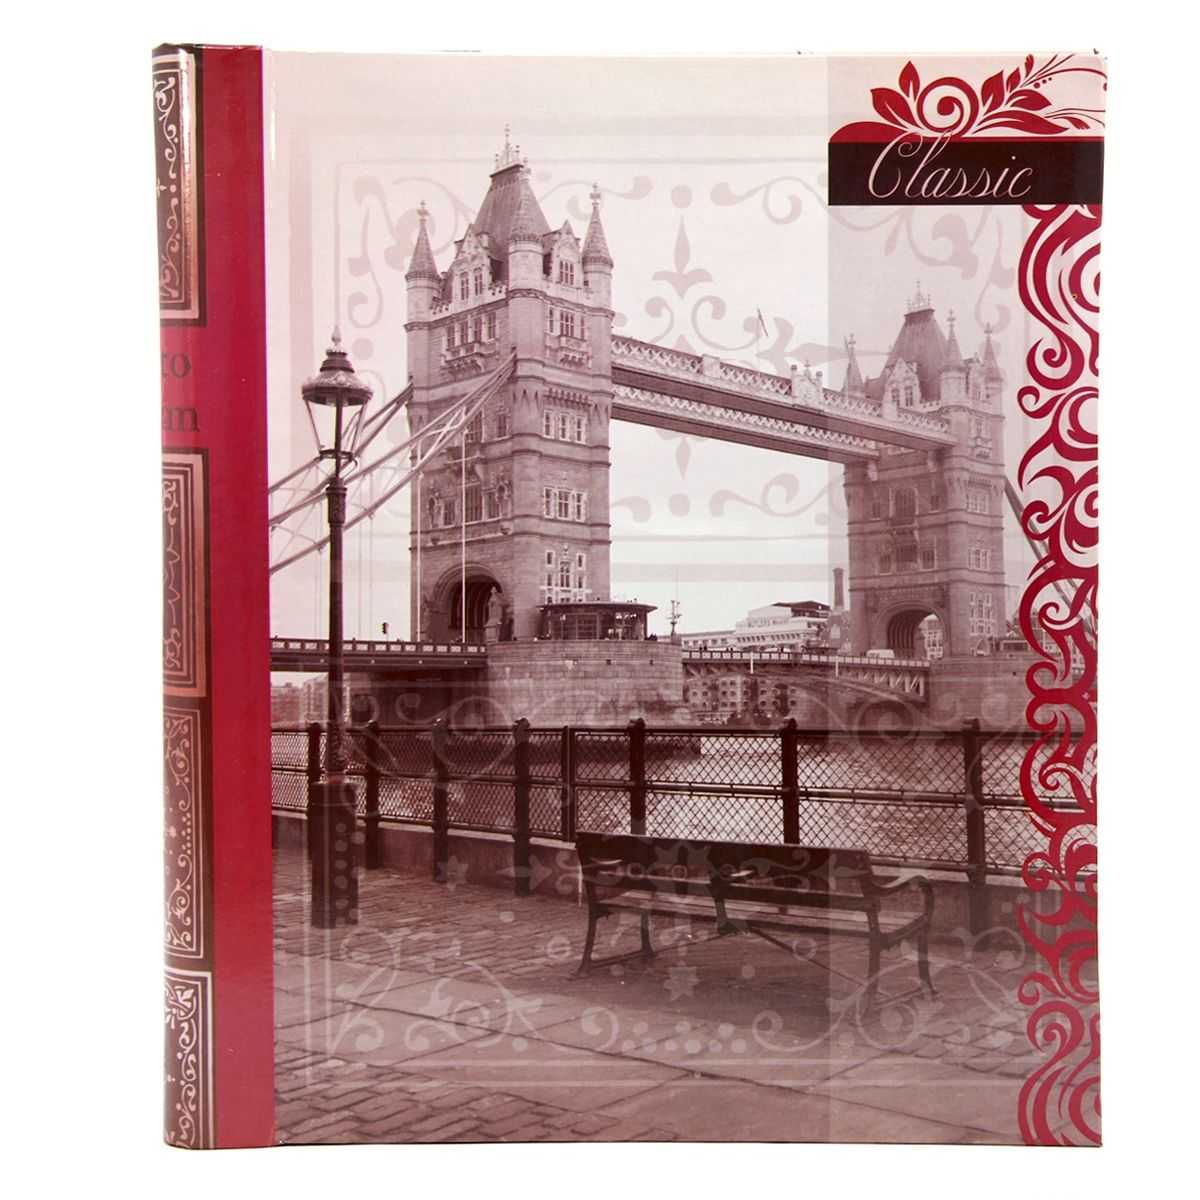 Фотоальбом Pioneer Classica, 10 магнитных листов, 23 х 28 см фотоальбом pioneer disney valentine 20 магнитных листов 29 х 32 см lm sa20bb c